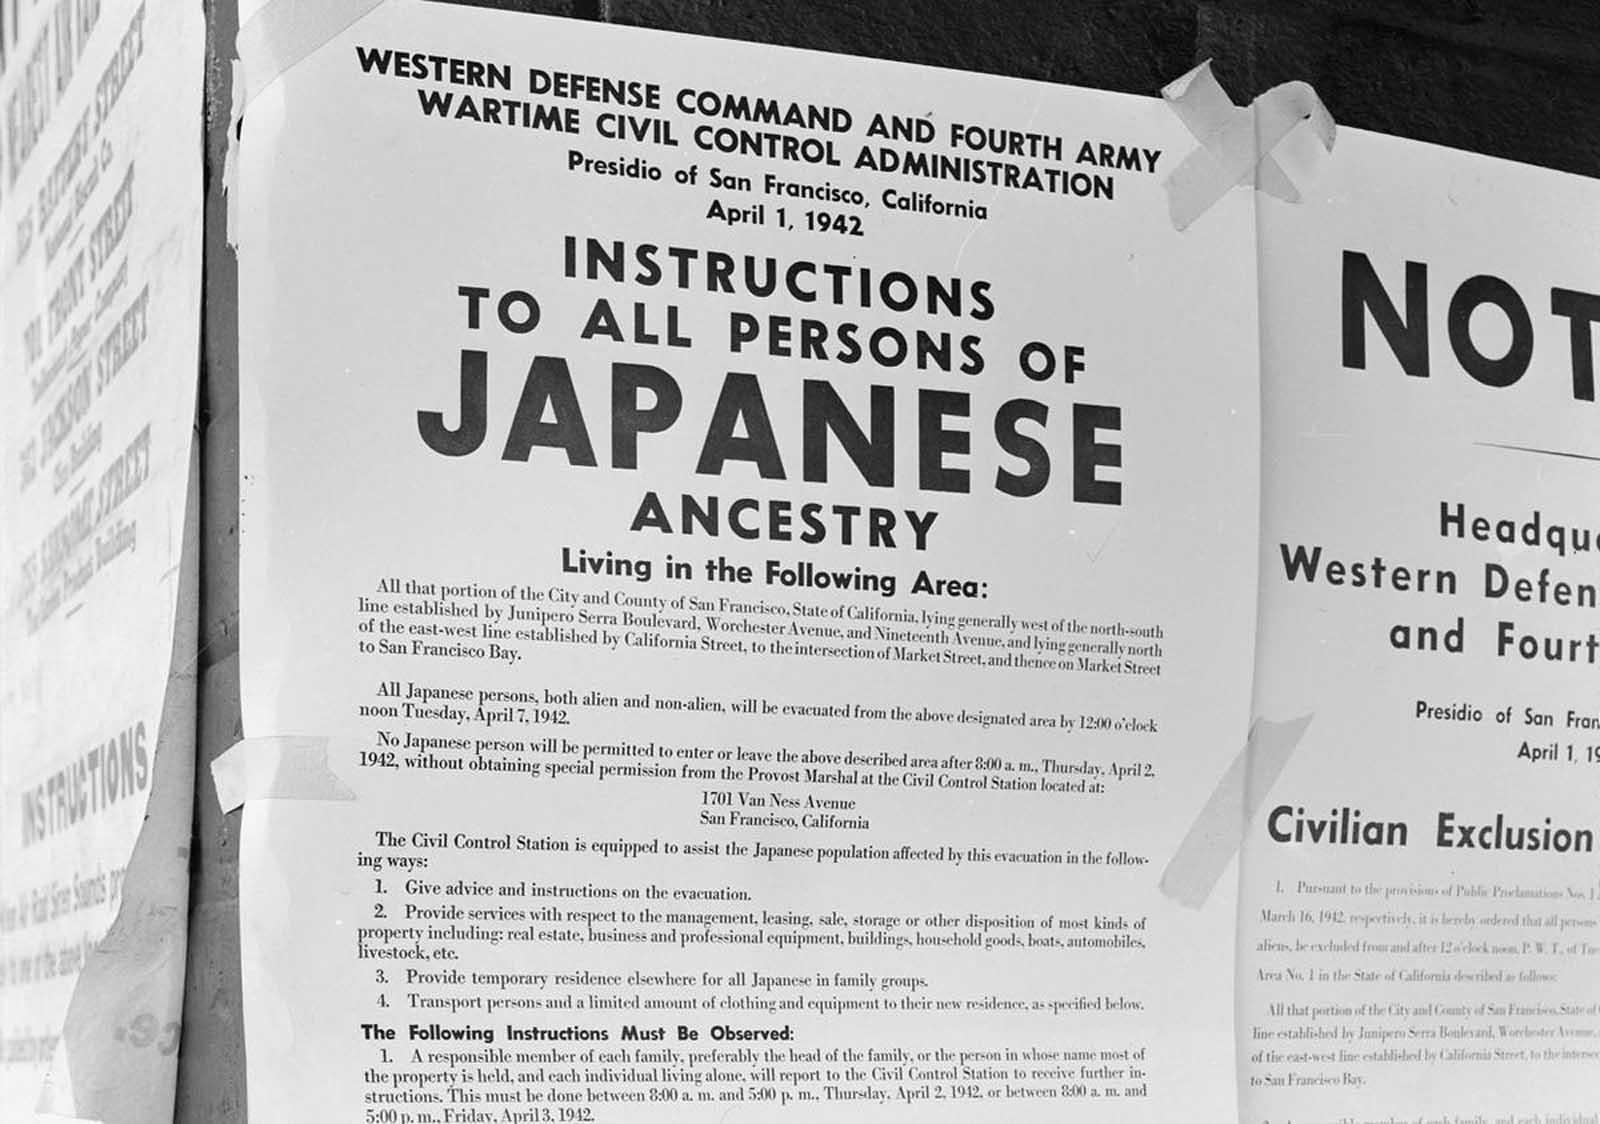 En una pared de ladrillos al lado de un cartel del refugio antiaéreo, se publicaron órdenes de exclusión en las calles First y Front en San Francisco, California, que ordenaban la eliminación de personas de ascendencia japonesa de la primera parte de San Francisco que se verían afectadas por la evacuación. La orden fue emitida el 1 de abril de 1942 por el teniente general J.L. DeWitt y dirigió la evacuación de esta sección antes del mediodía del 7 de abril de 1942.